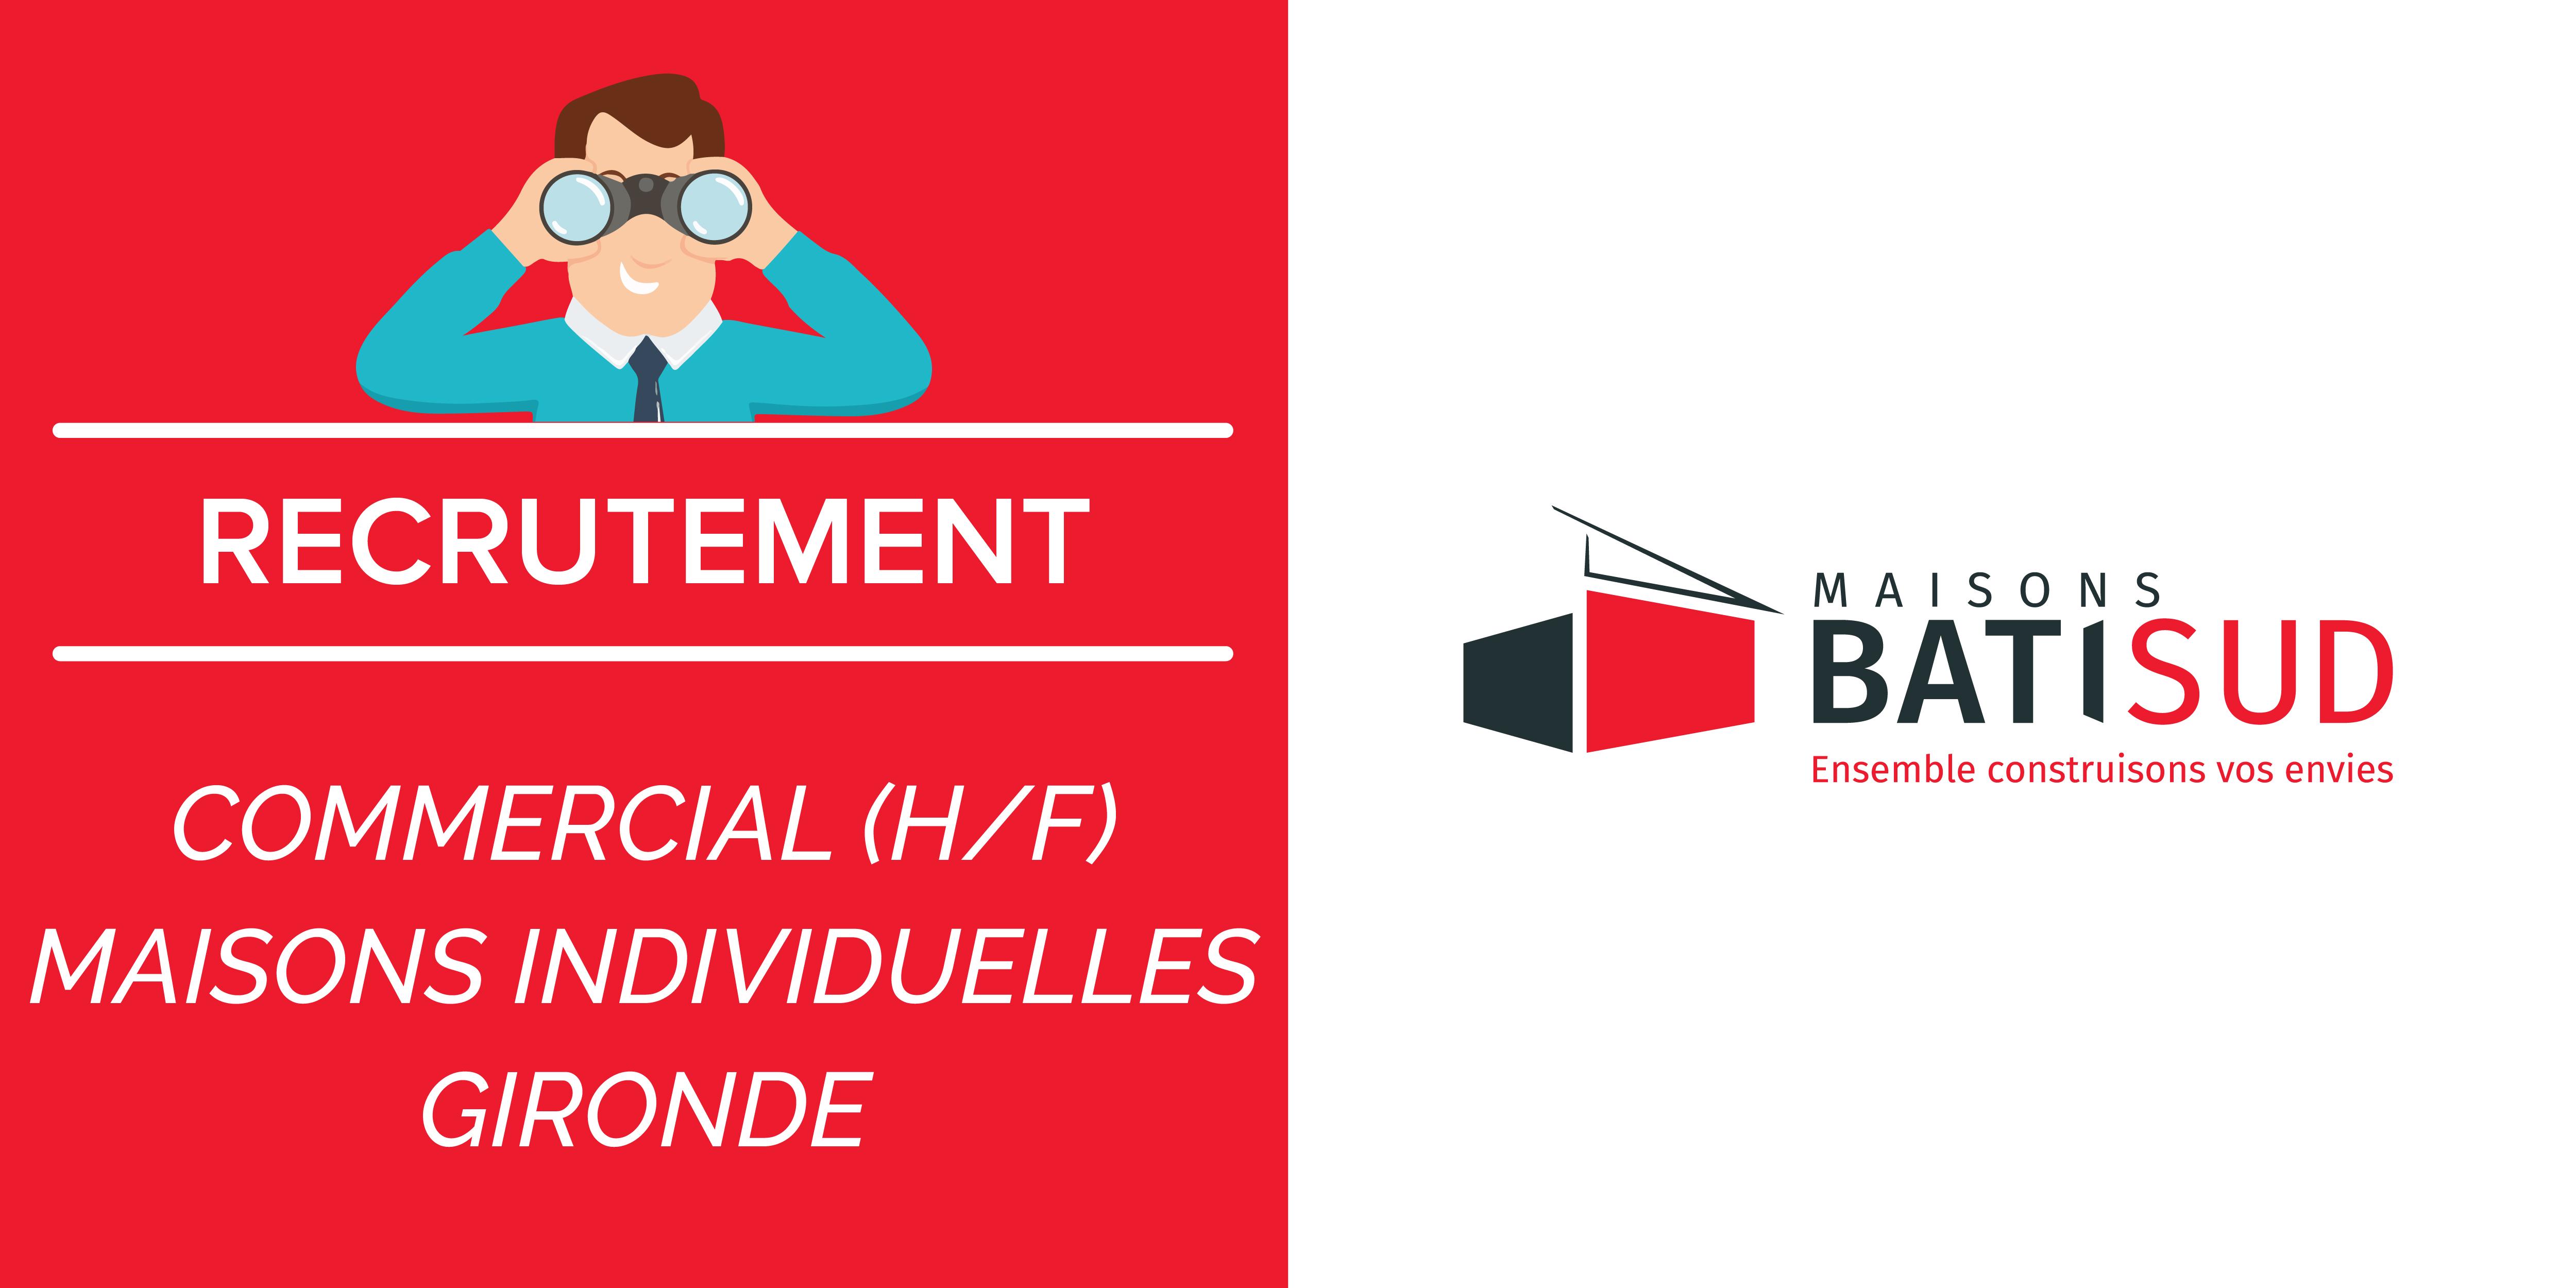 MAISONS BATI SUD recrute UN COMMERCIAL (H/F) sur différents secteurs: Rive droite, Bassin d'Arcachon et Le Médoc de la Gironde